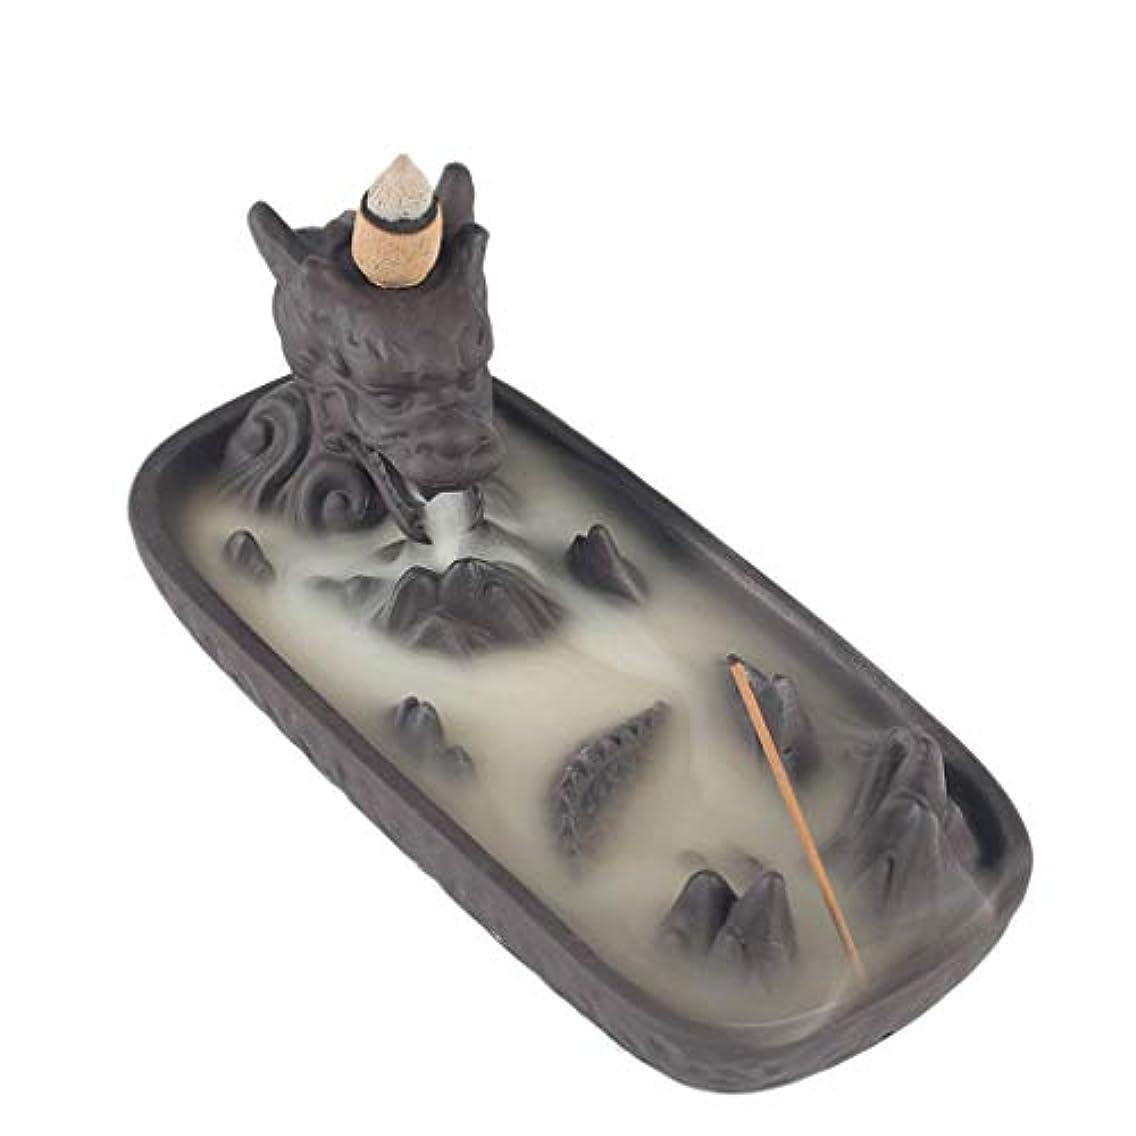 ディーラー考案するメモセラミックドラゴンセンサー家の装飾クリエイティブ煙逆流香バーナー香スティックホルダー香コーン香香ホルダー (Color : Gray, サイズ : 6.61*3.14*2.67 inches)